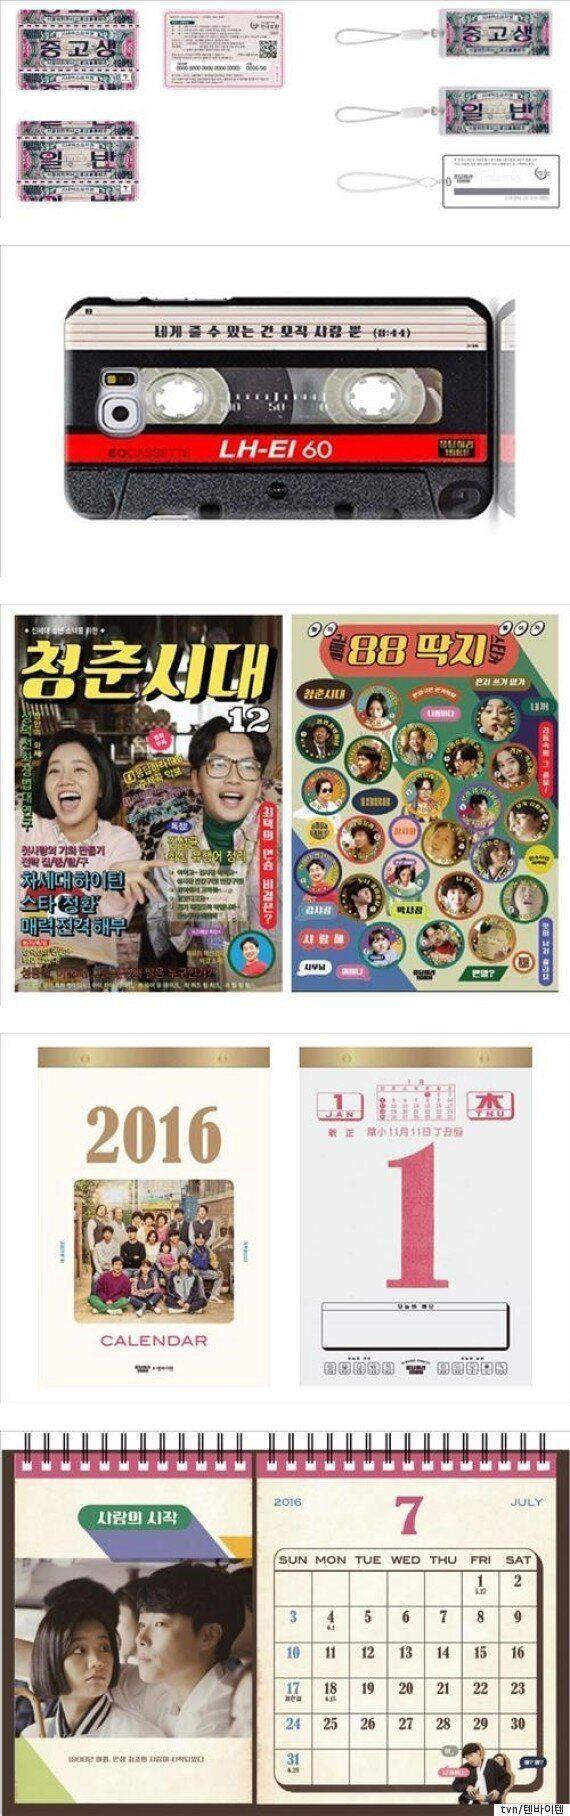 '응팔' 회수권 교통카드 등 '굿즈' 판매해 수익금